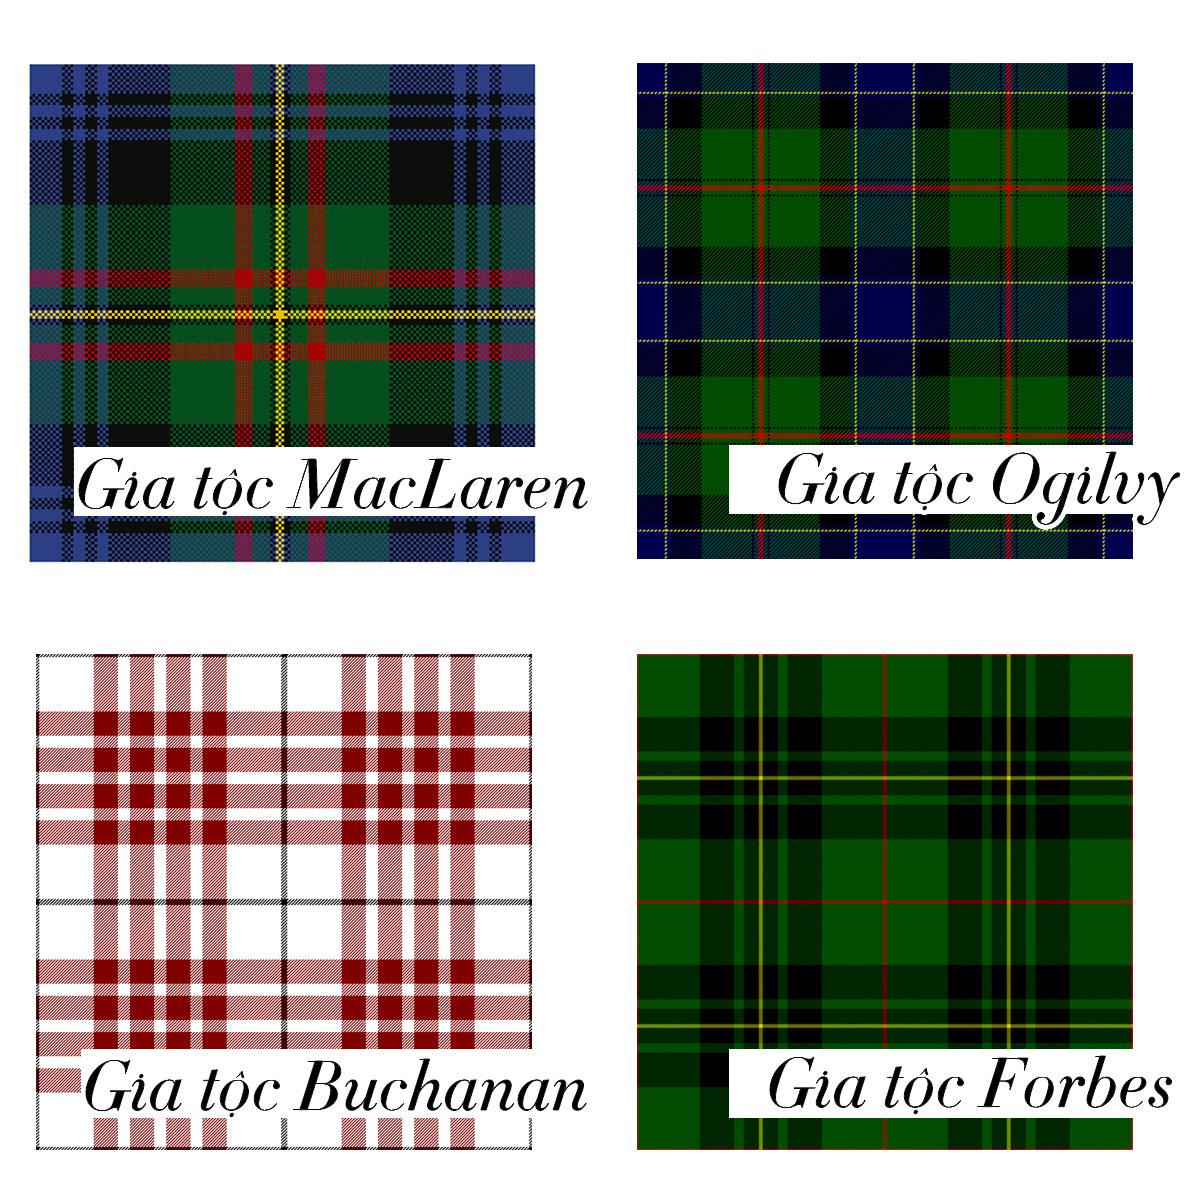 Lịch sử vải tartan: Từ chất liệu Scotland thành biểu tượng punk